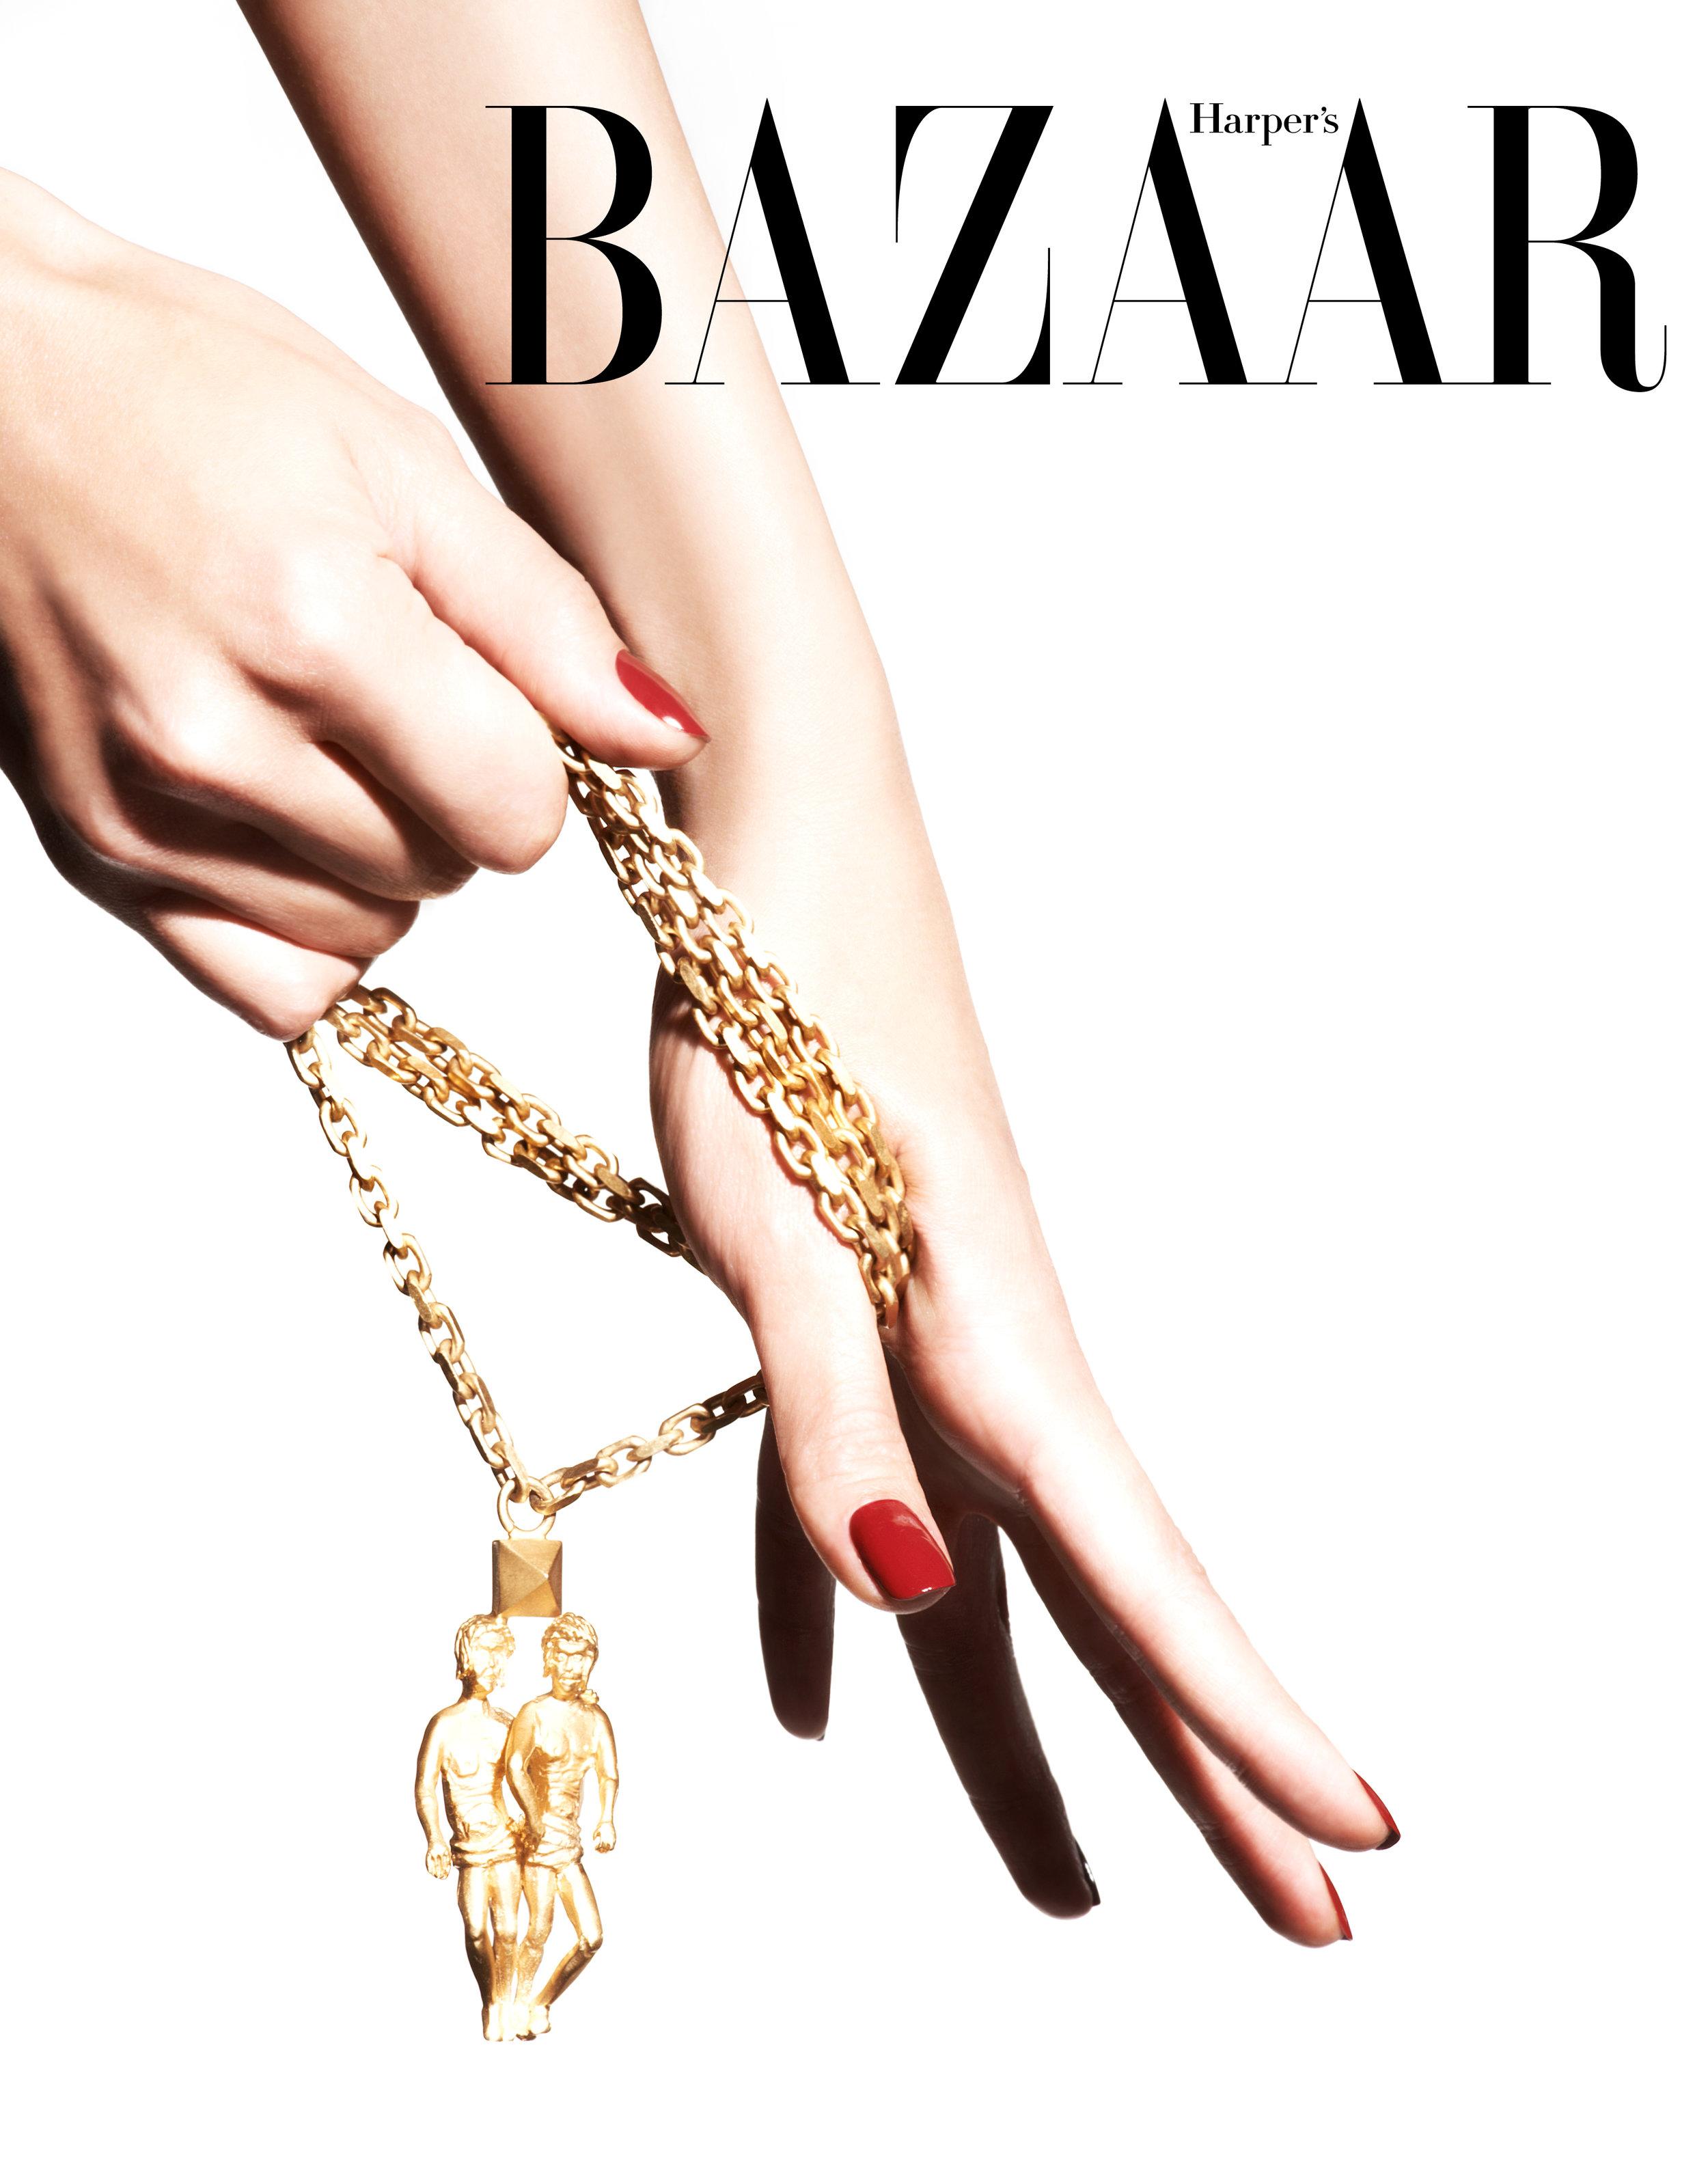 roman-walczyna-beauty-harpers-bazaar-03.jpg